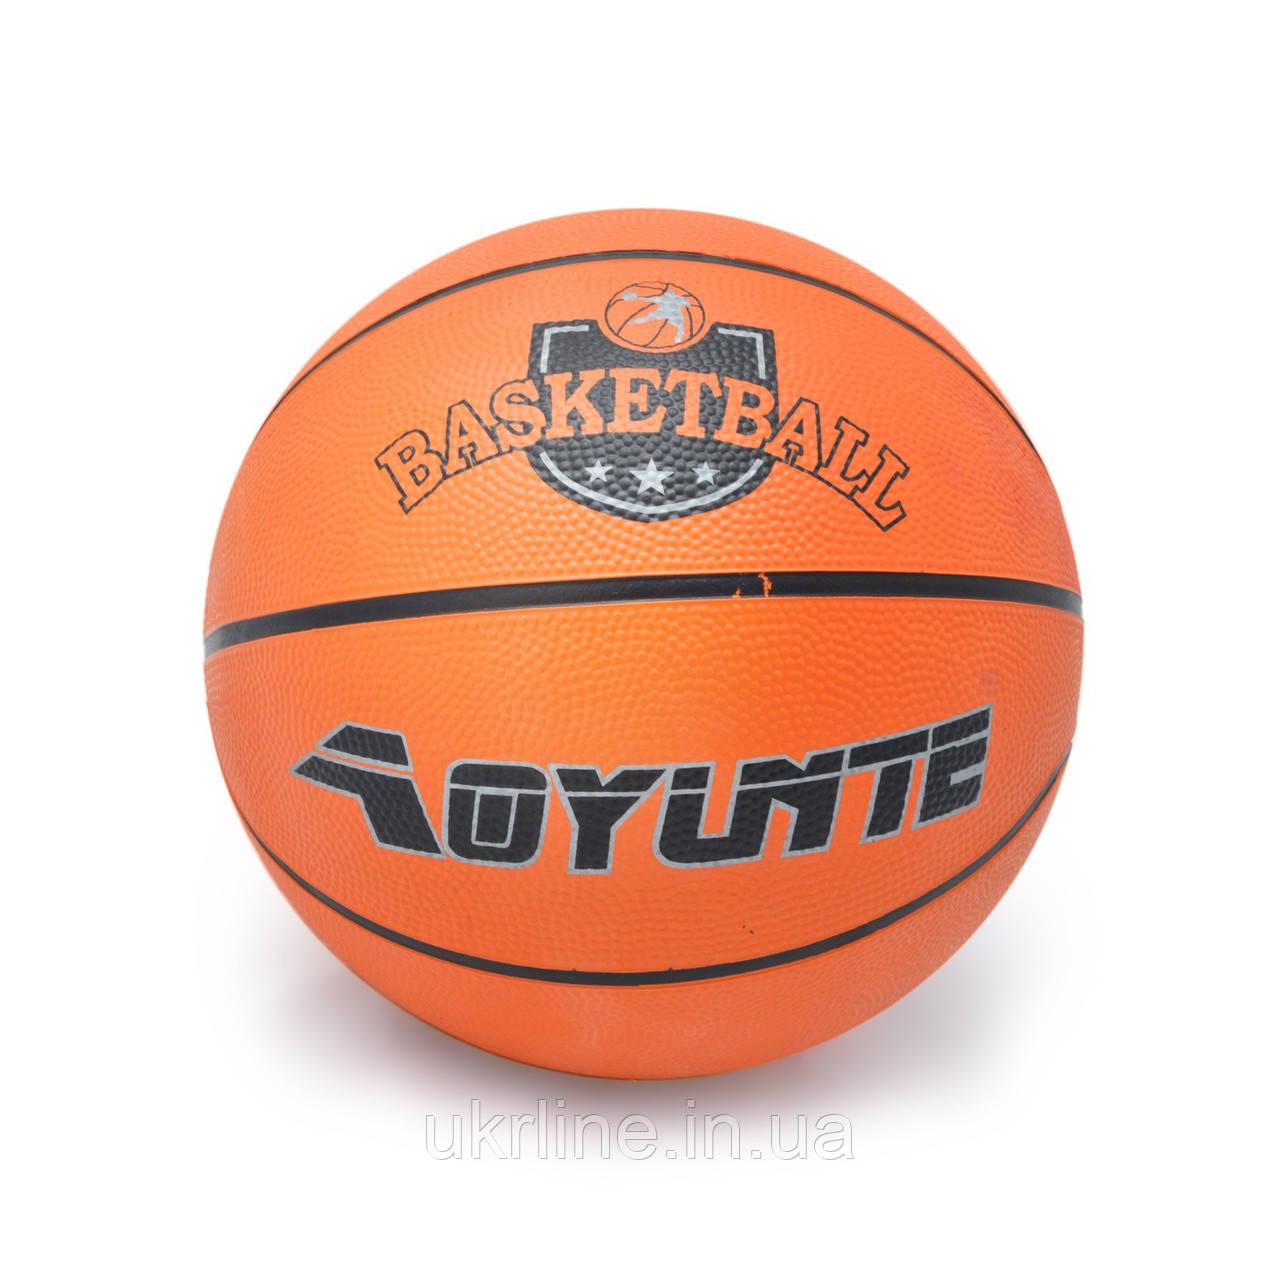 1b84e4dcb24b Мяч баскетбольный Basketball, мяч для баскетбола, мяч для детей и  подростков, мяч для